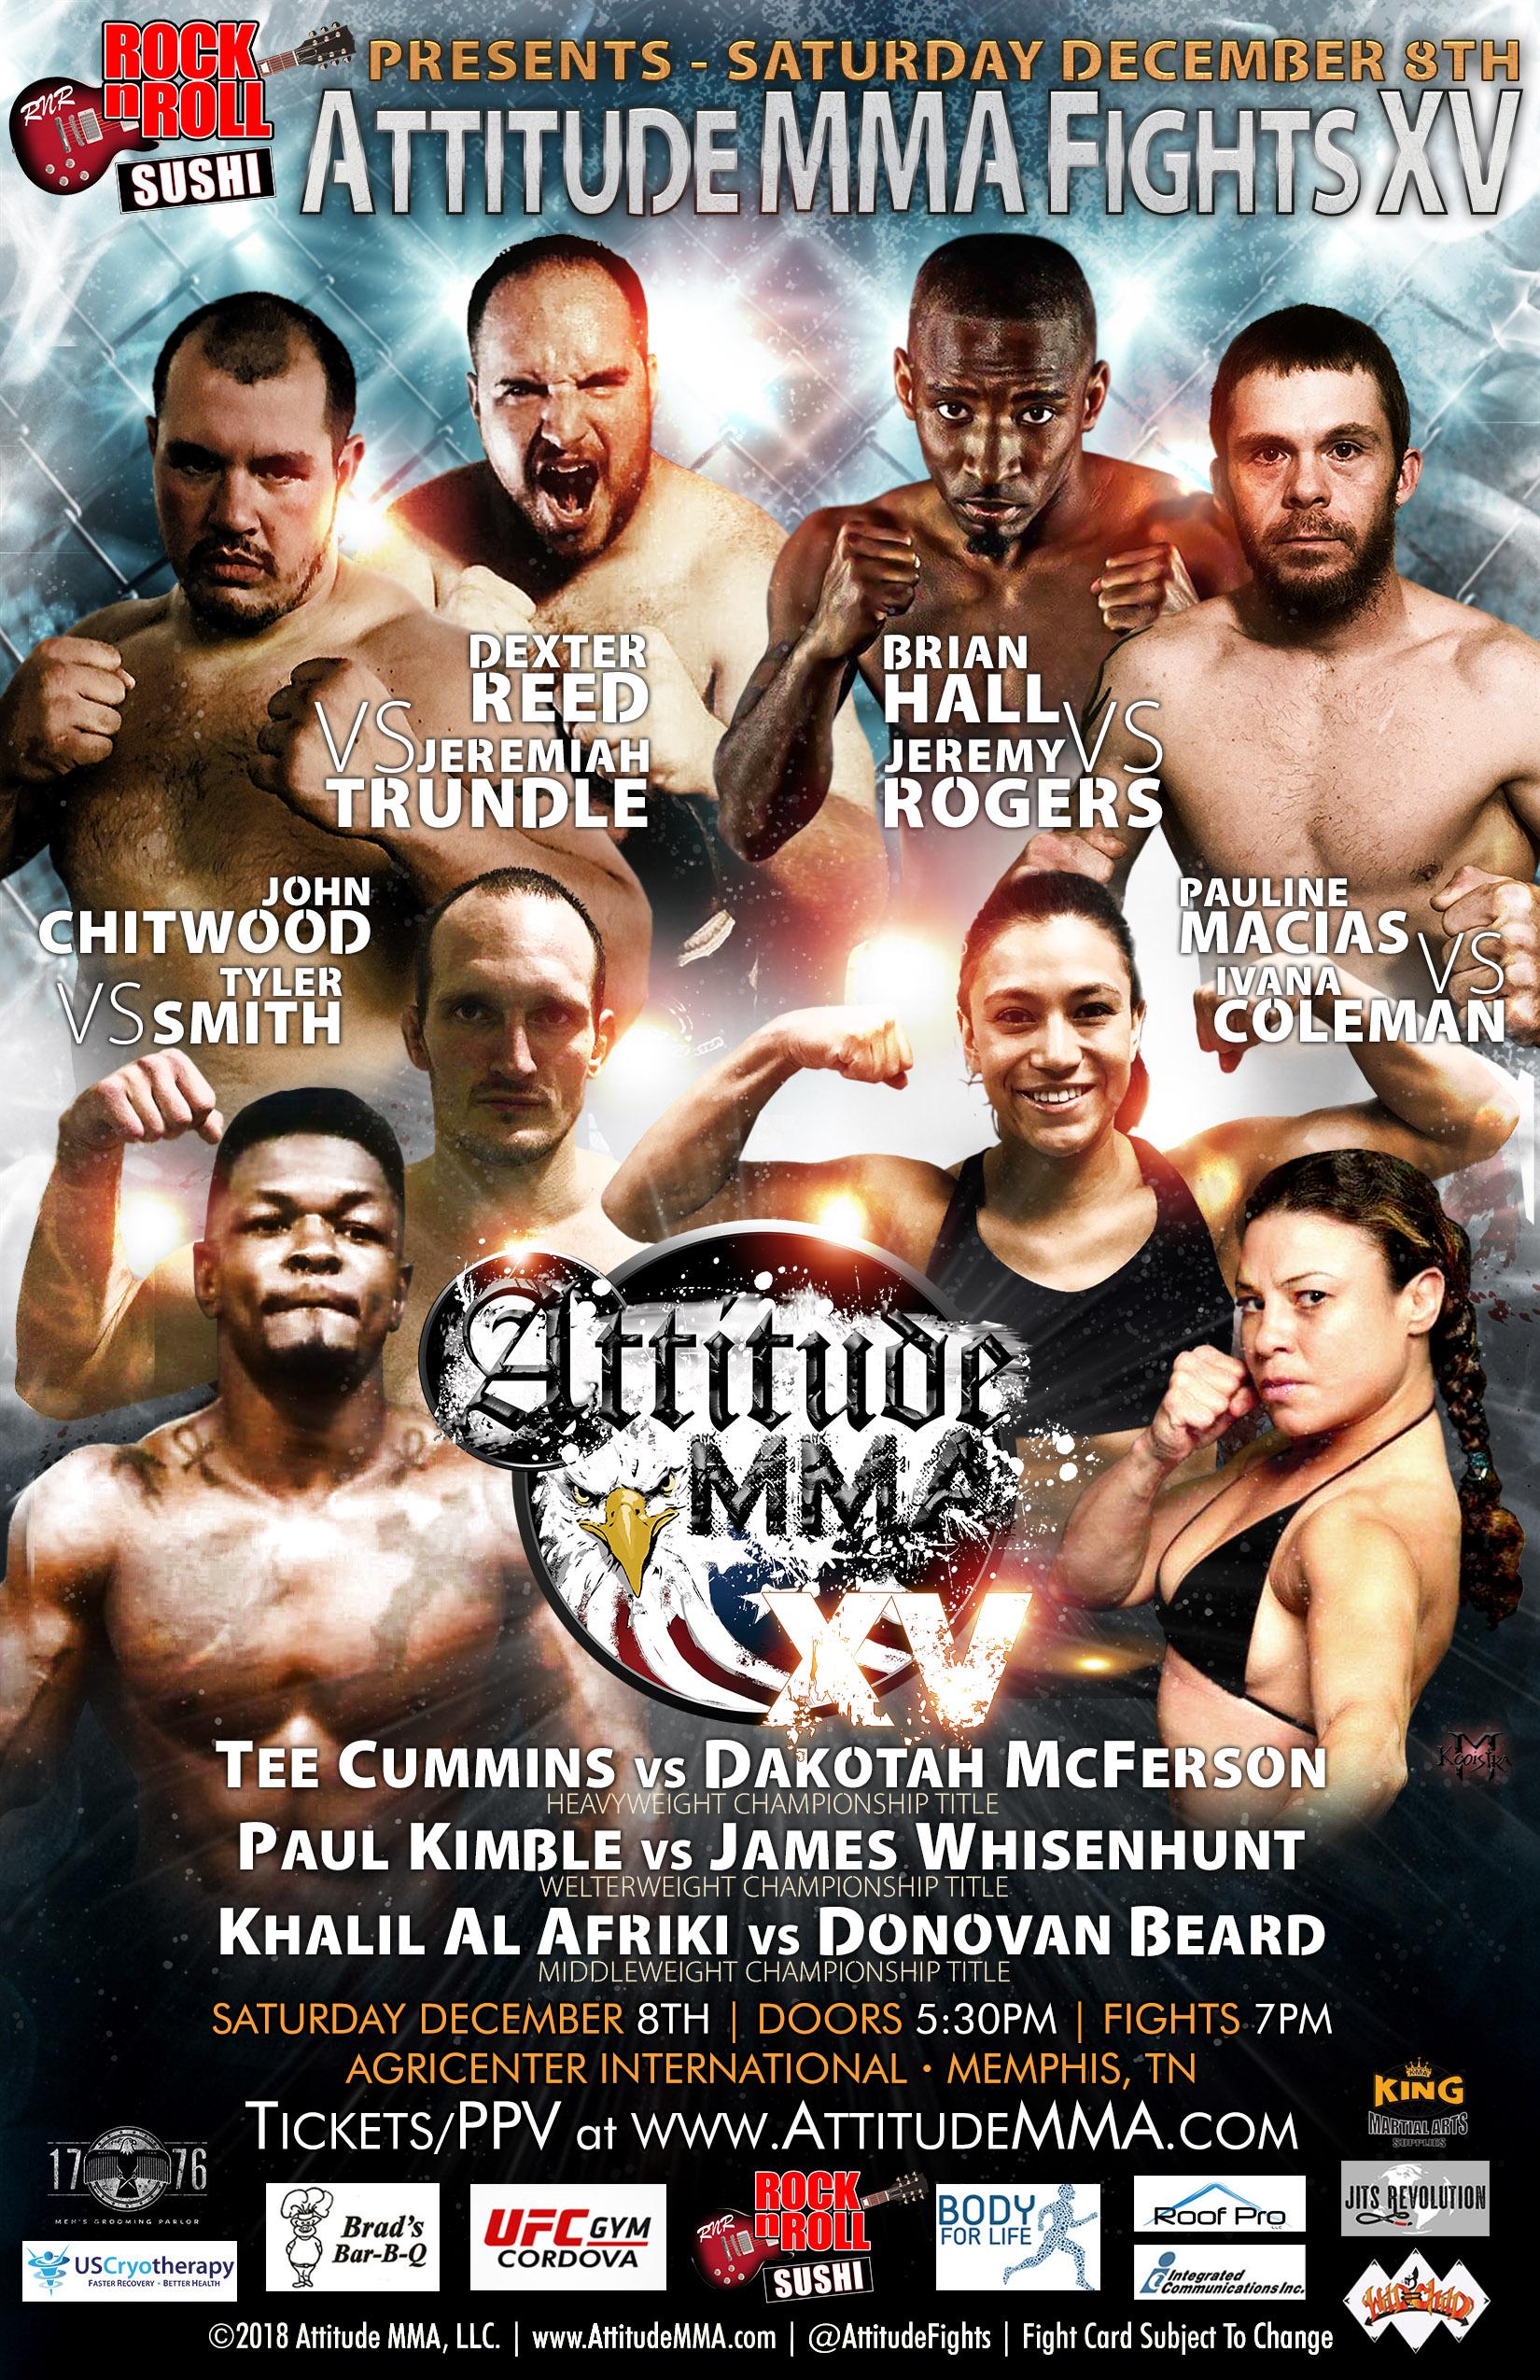 Attitude MMA Fights XV